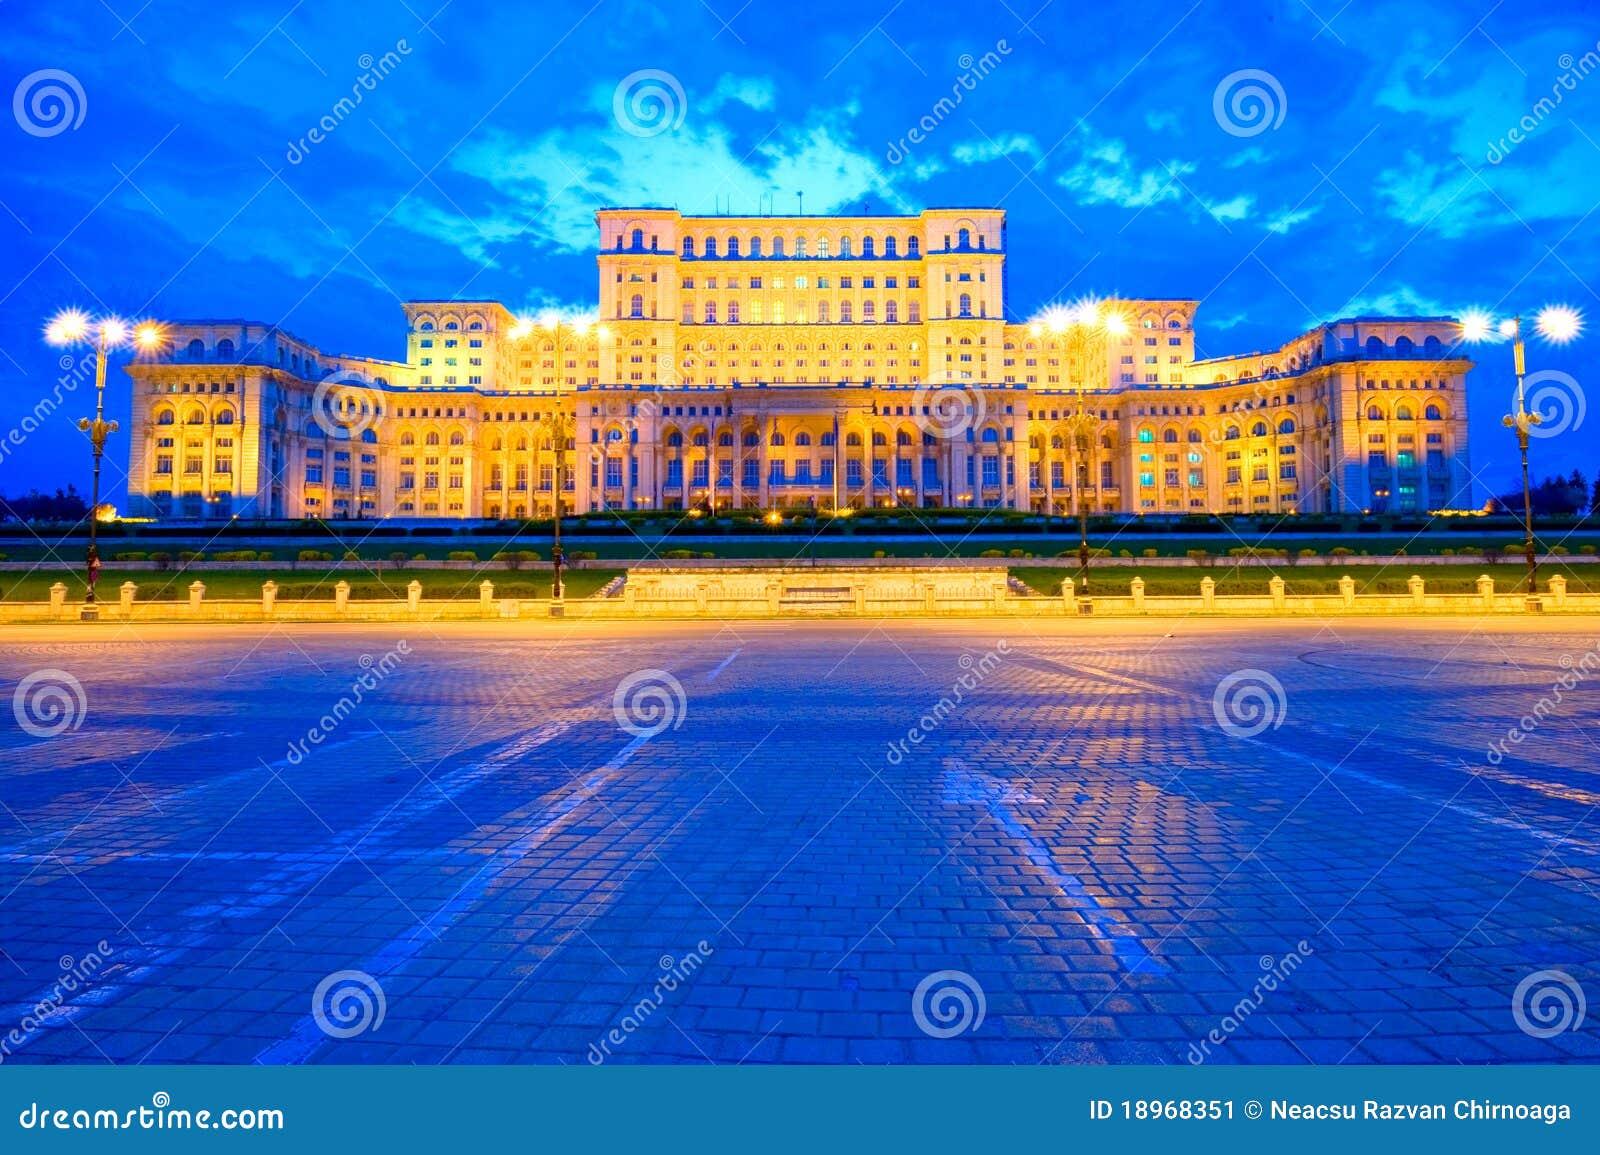 Palast des Parlaments, Bucharest